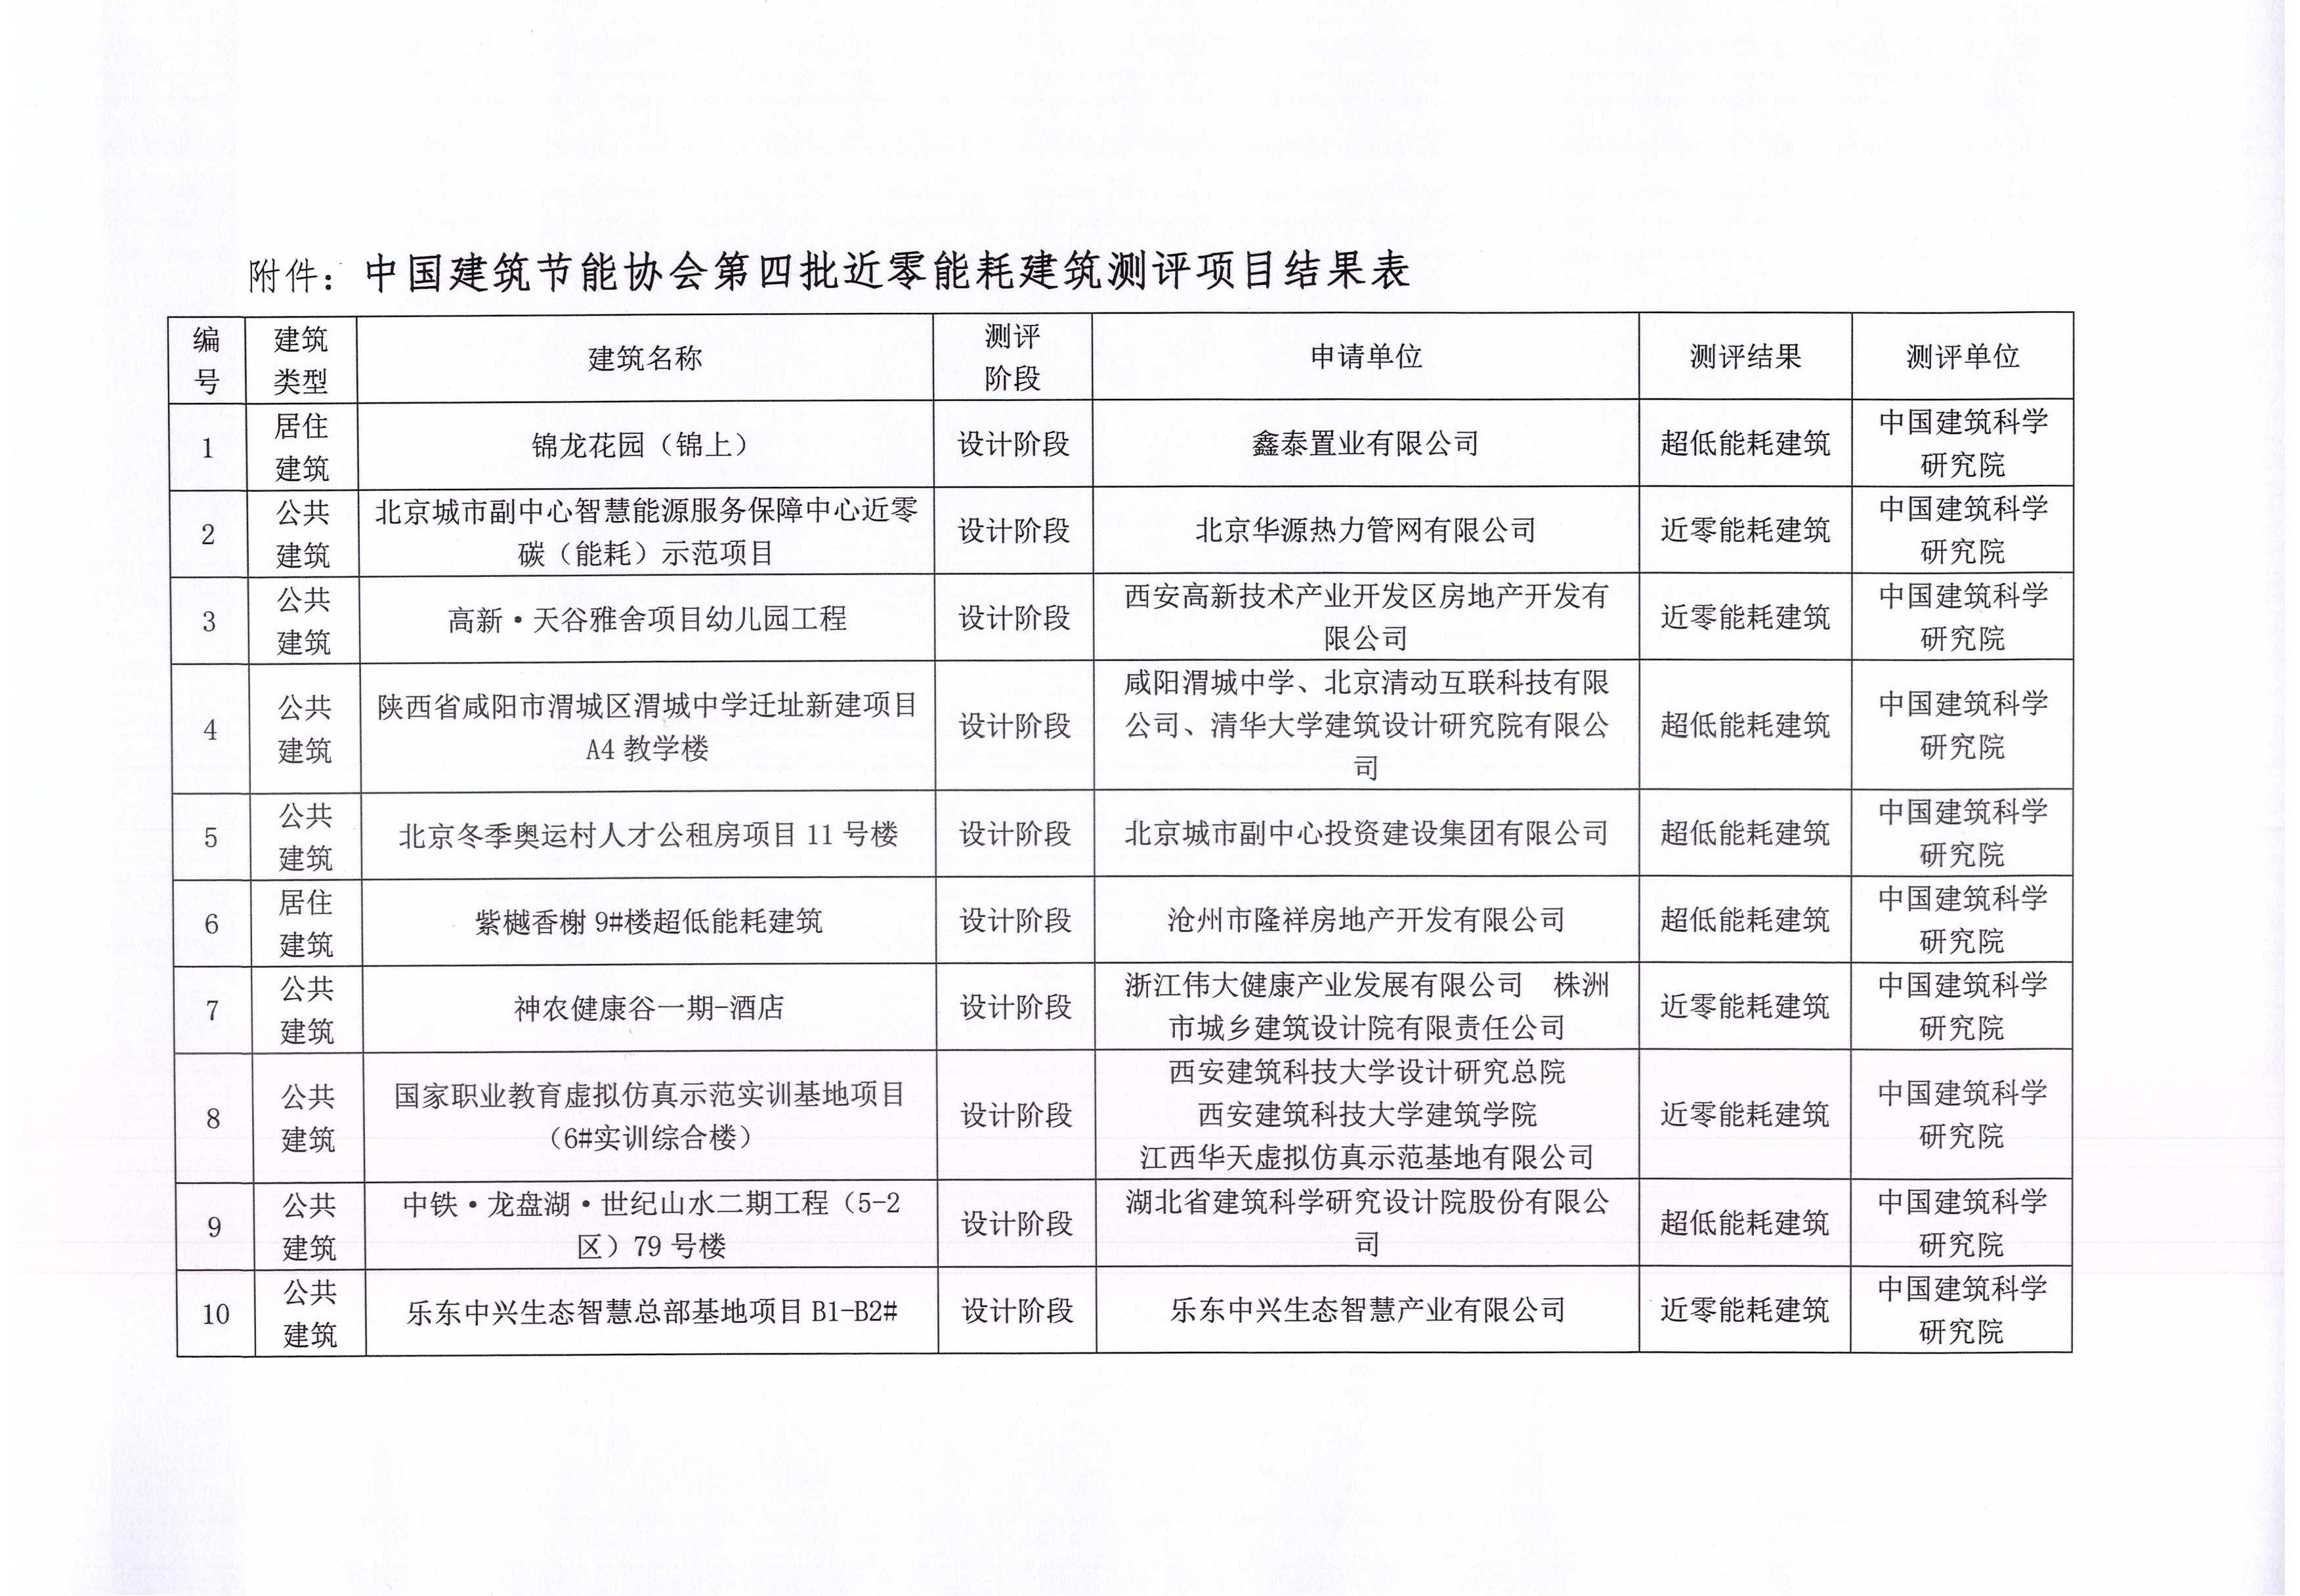 关于中国建筑节能协会第四批近零能耗建筑测评项目的公示(1)_页面_2.jpg